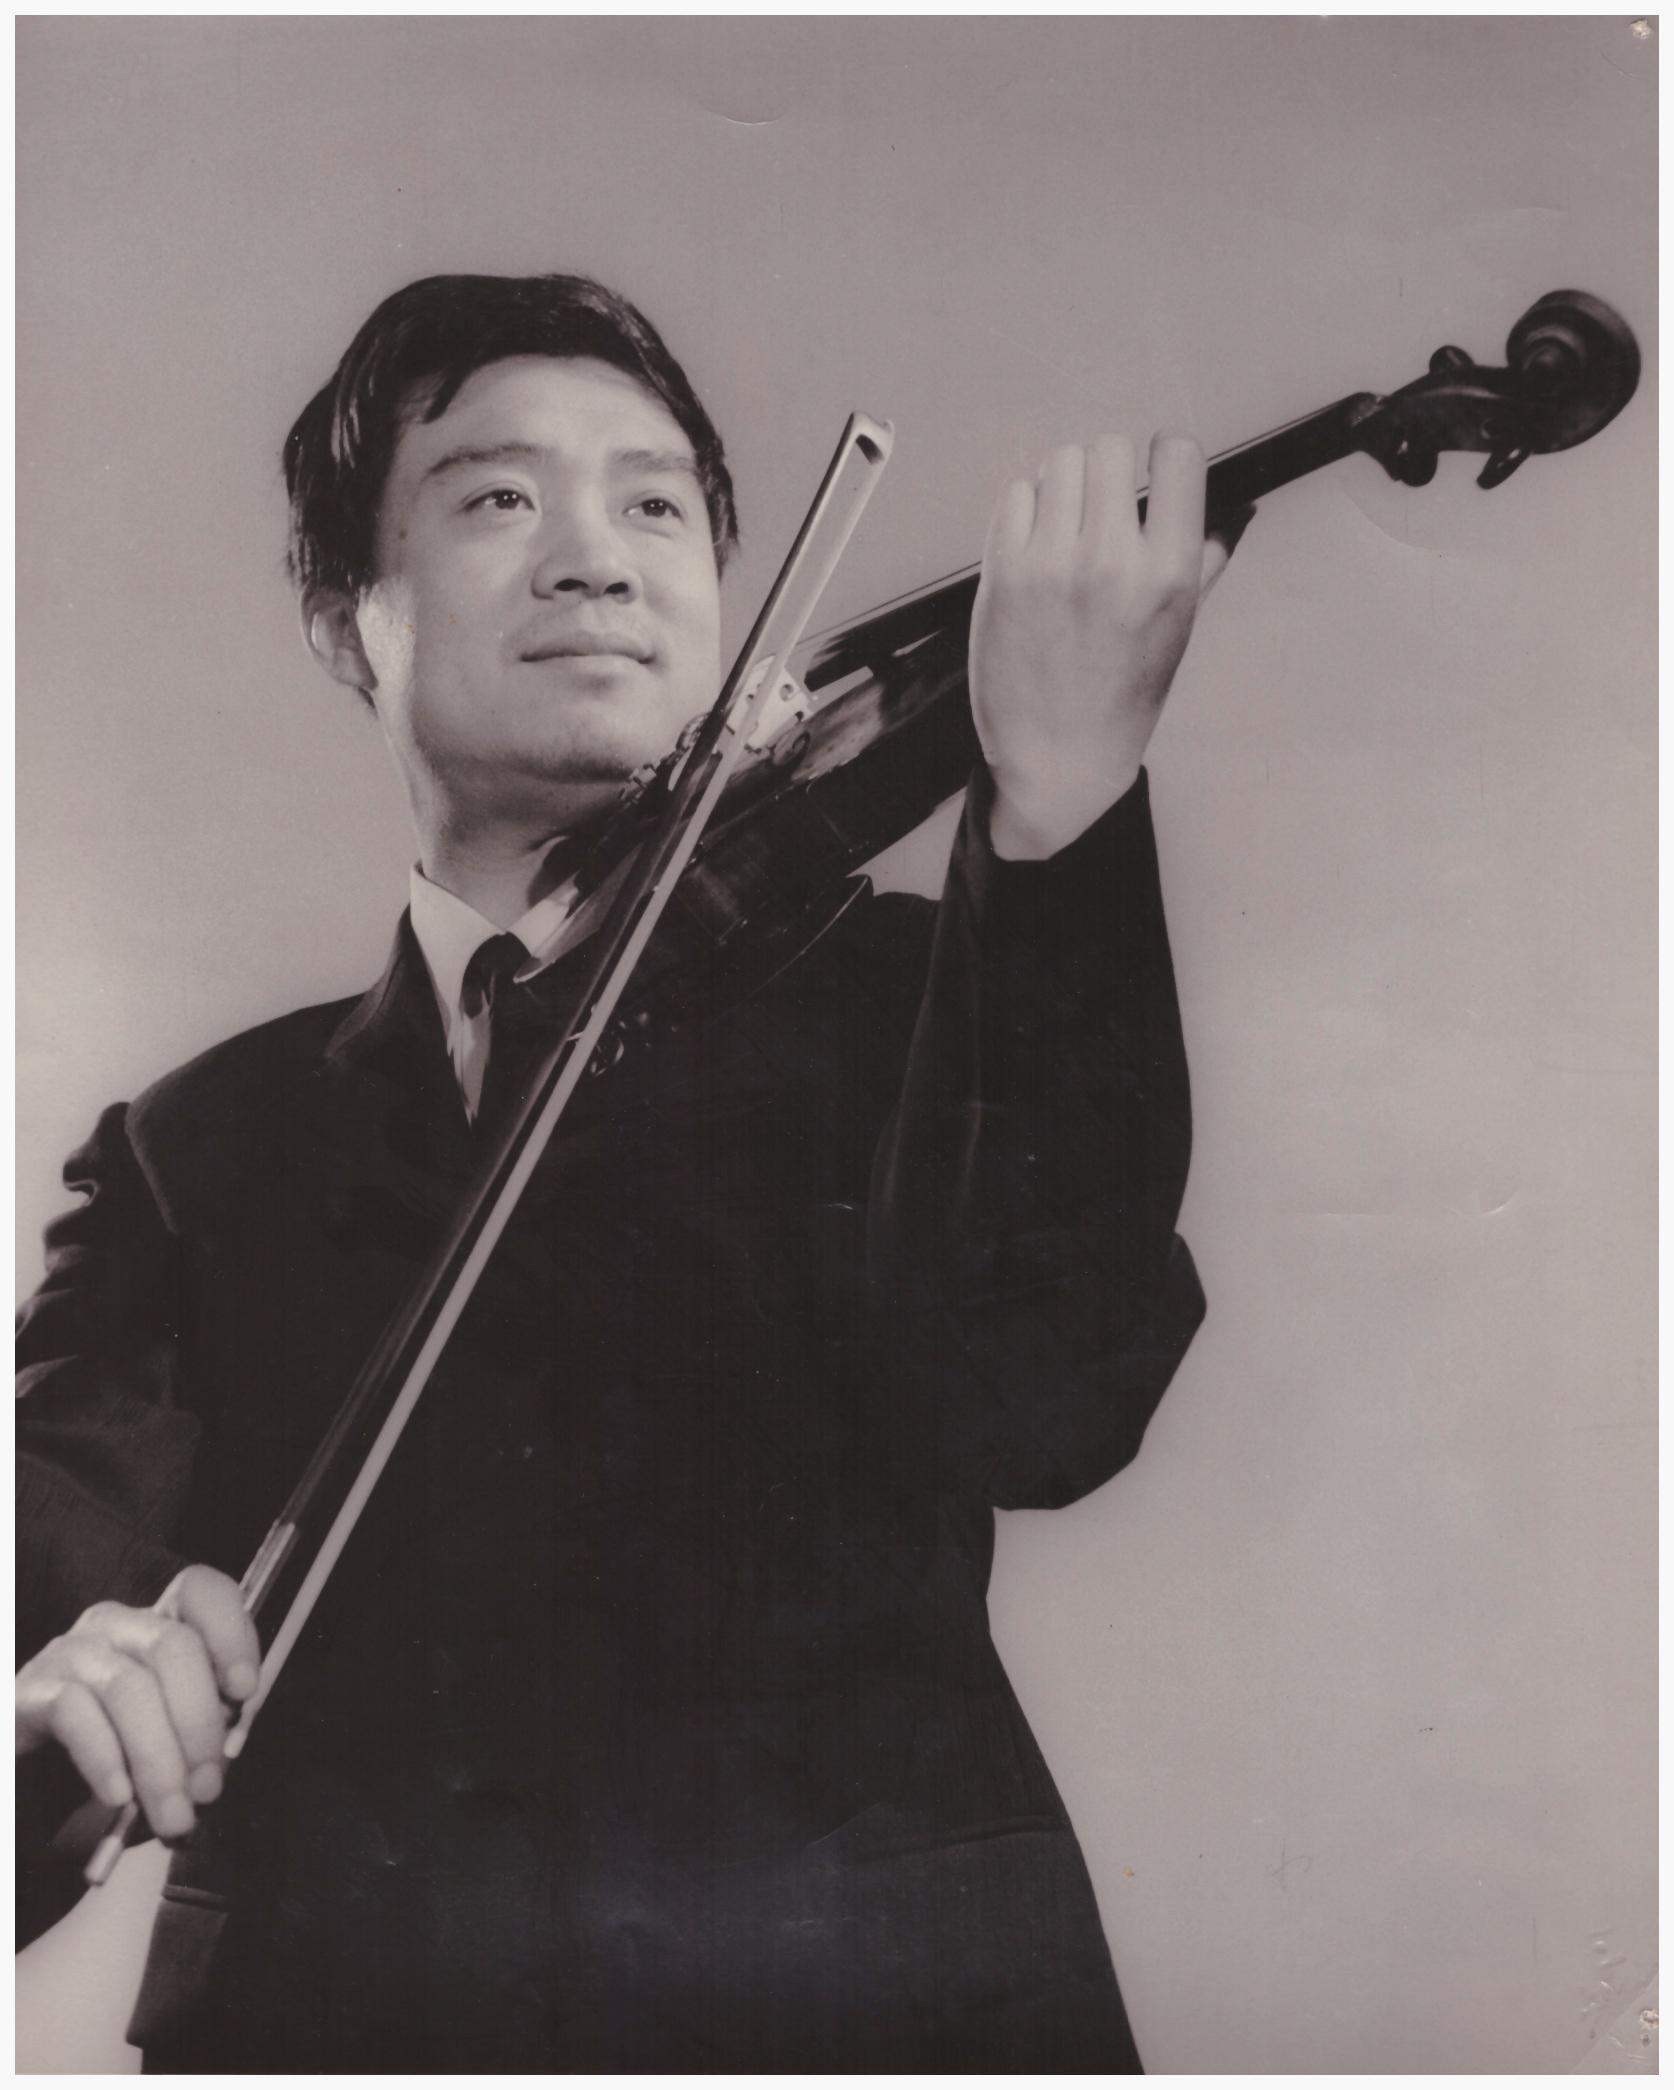 苗坪  自1953年11 岁进入上海音乐学院附中学习小提琴,学习成绩优良,曾获得校际小 提琴专业比赛第二名,并被破格提前一年进入大学本科学习。大学毕 业后进入上海电影乐团工作。担任乐队首席多年,在这期间电影配乐 中录制了许多小提琴独奏片段以及日常的演出中经常担任小提琴独奏 。日本松山芭蕾舞团访华期间作为乐队首席,圆满完成演奏任务。1 972年及1977年受邀以乐队副首席跟随上海芭蕾舞团出访朝鲜 ,日本,法国,加拿大等国。1987年获得USC大学奖学金来美至今已 三十多年了,主要从事小提琴教学工作。教学严谨专业,成绩斐然。 每年都有多名学生在美国西南区音乐节(SYMF) 等主要青少年音乐比赛中和加州音乐教师协会的(MTAC)鉴定( CM)考试中得奖。  中国电影家协会,上海电影家协会和 上海音乐家协会会员。加州音乐教师协会会员。美中华人音乐家协会理事。